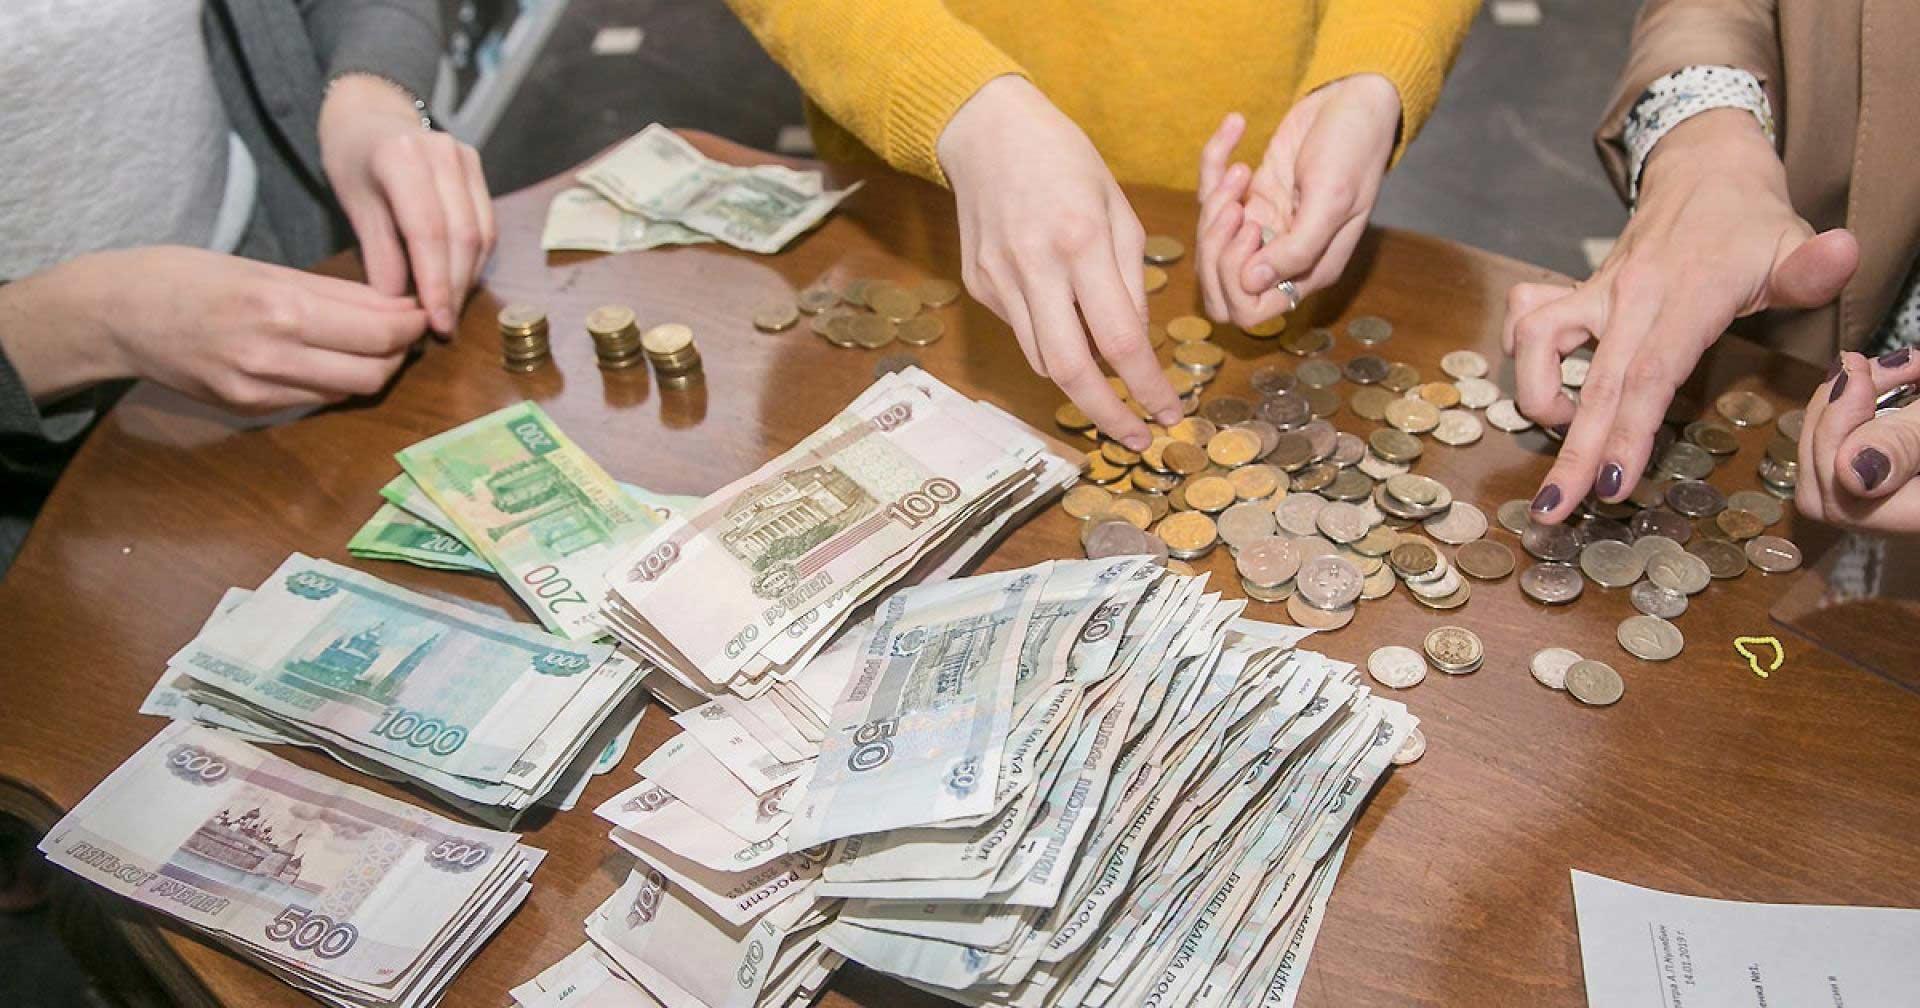 Вебинар: Деньги под прицелом. Финансовые инструменты